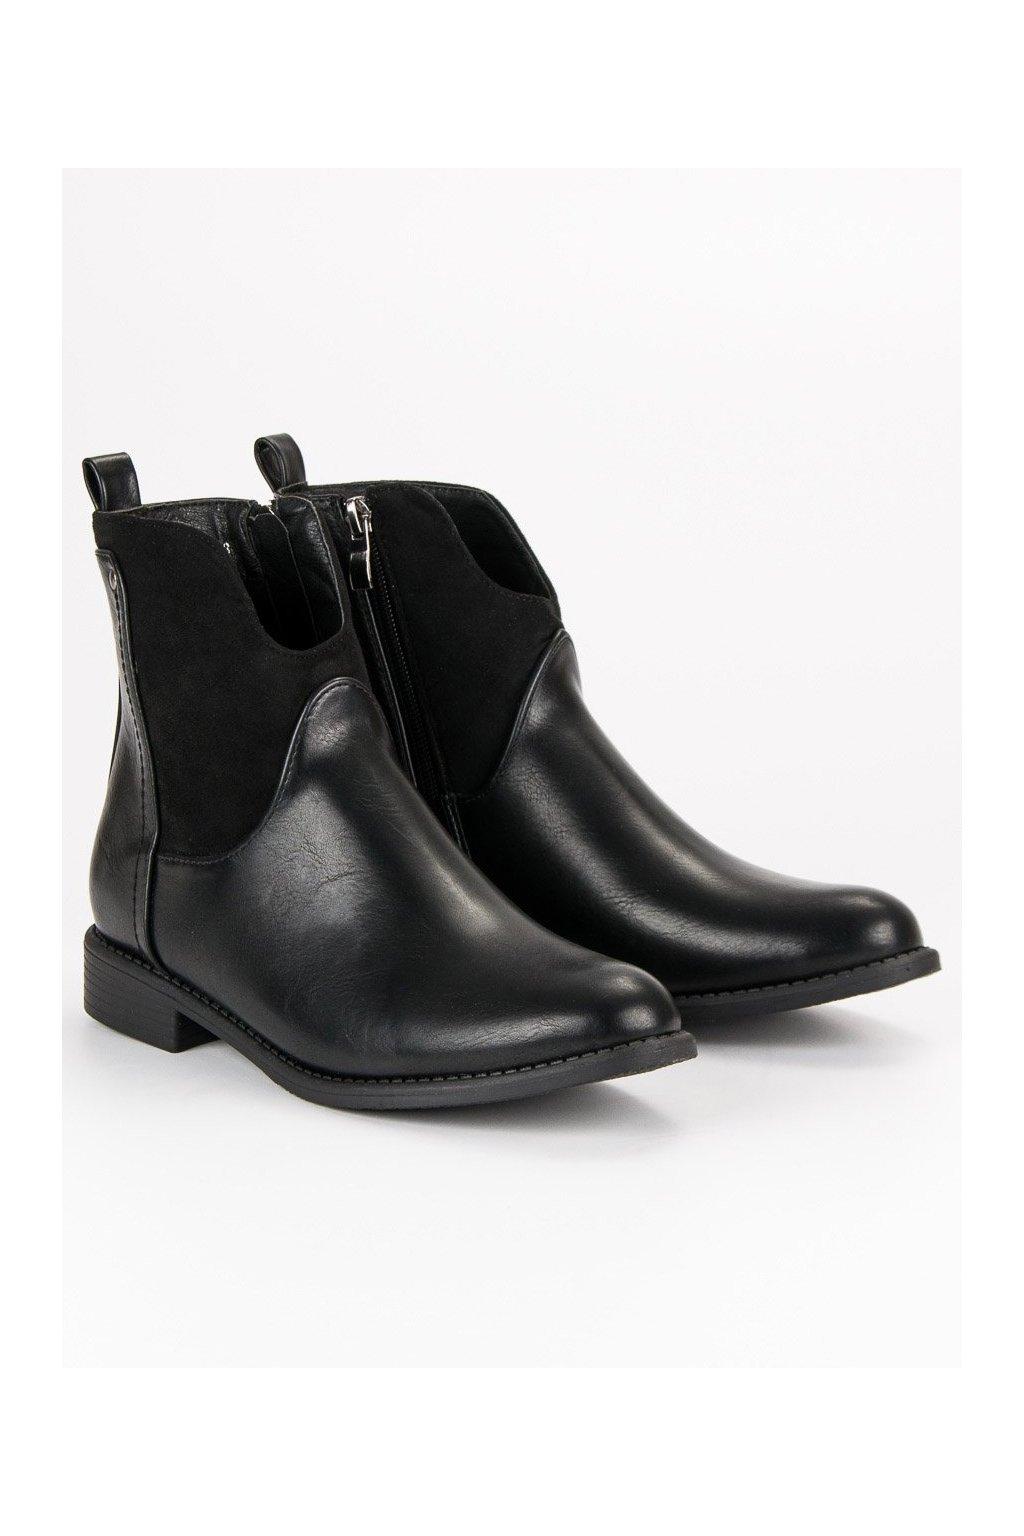 Čierne topánky NJSK DBT302/18B